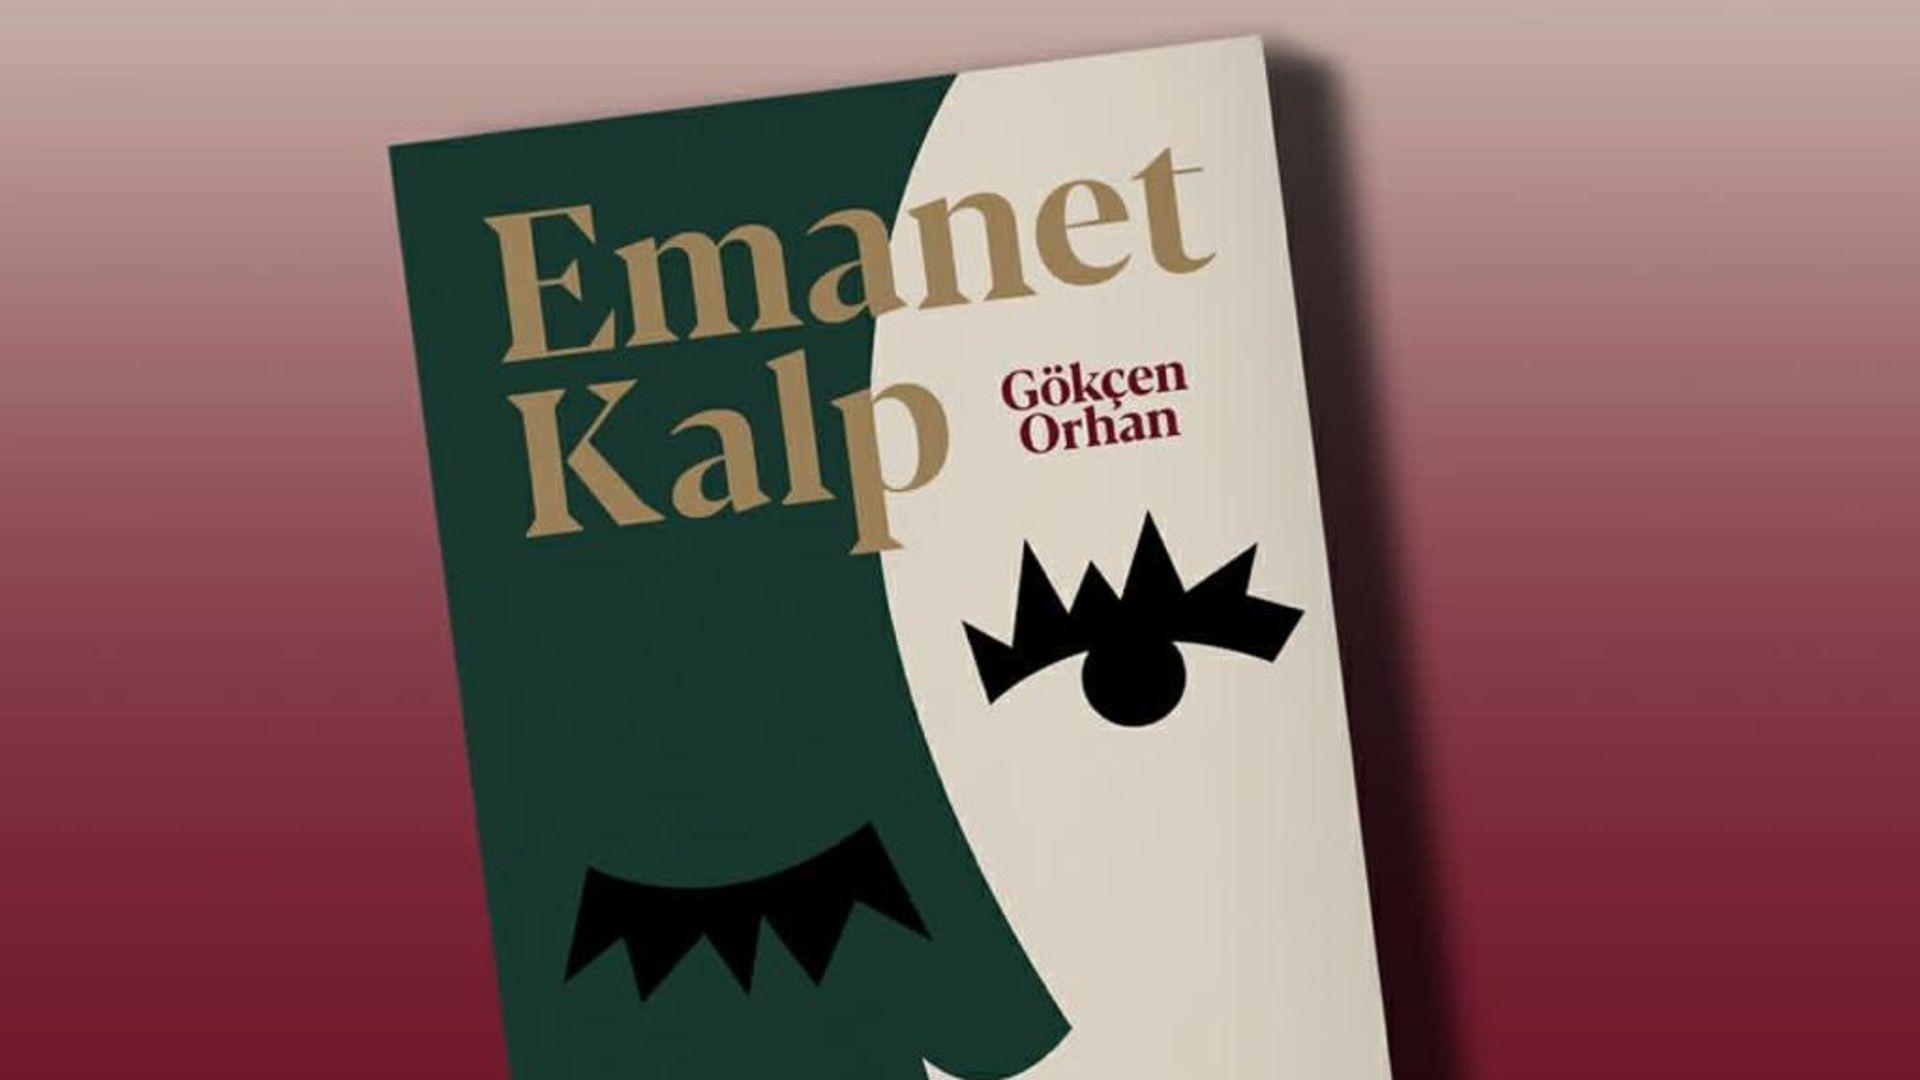 Prof. Dr. Gökçen Orhan'ın ilk romanı 'Emanet Kalp'